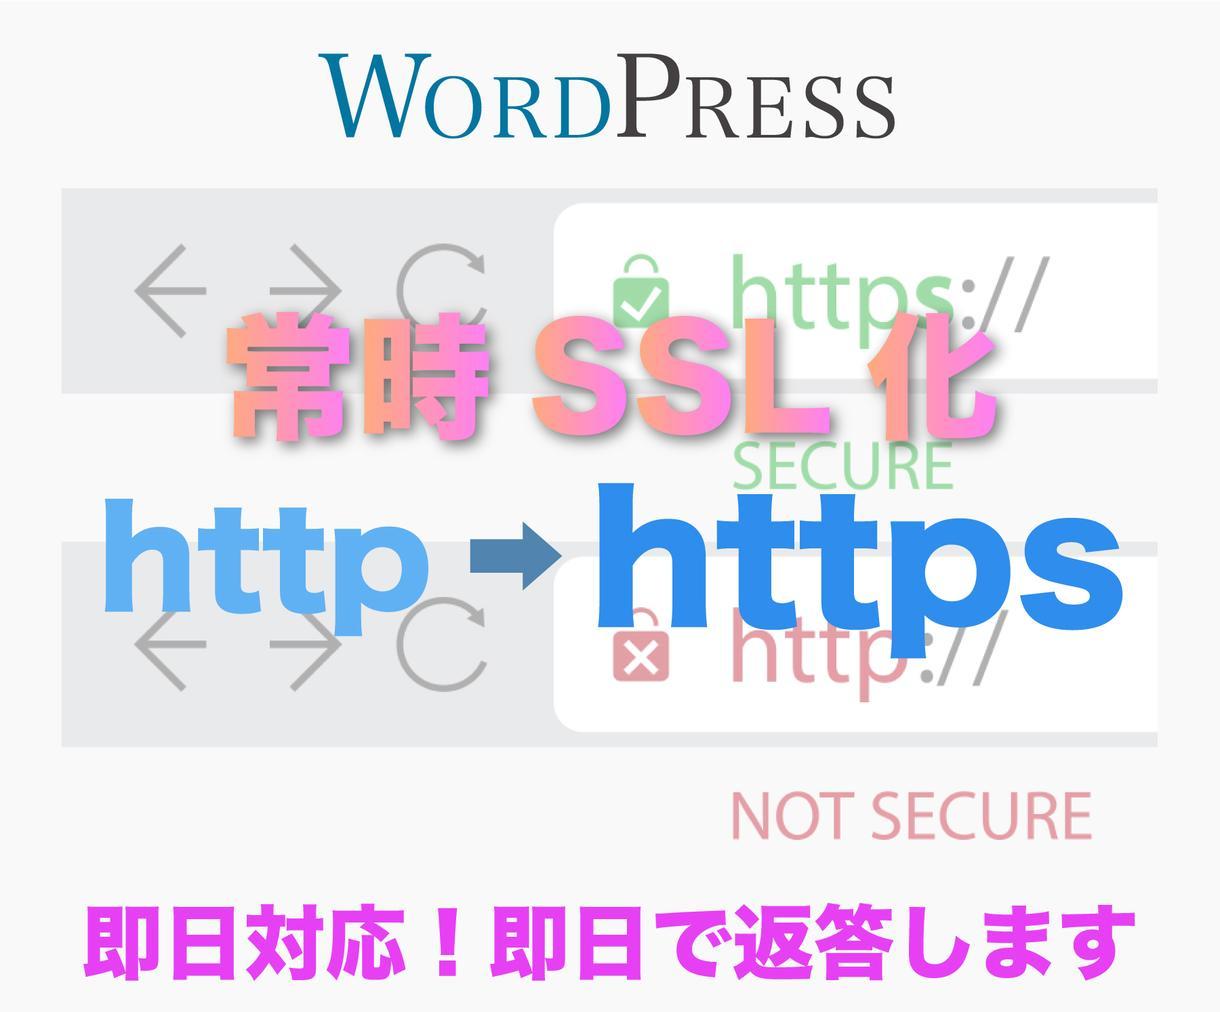 ワードプレスSSL化します 即対応で(http→https)承ります イメージ1